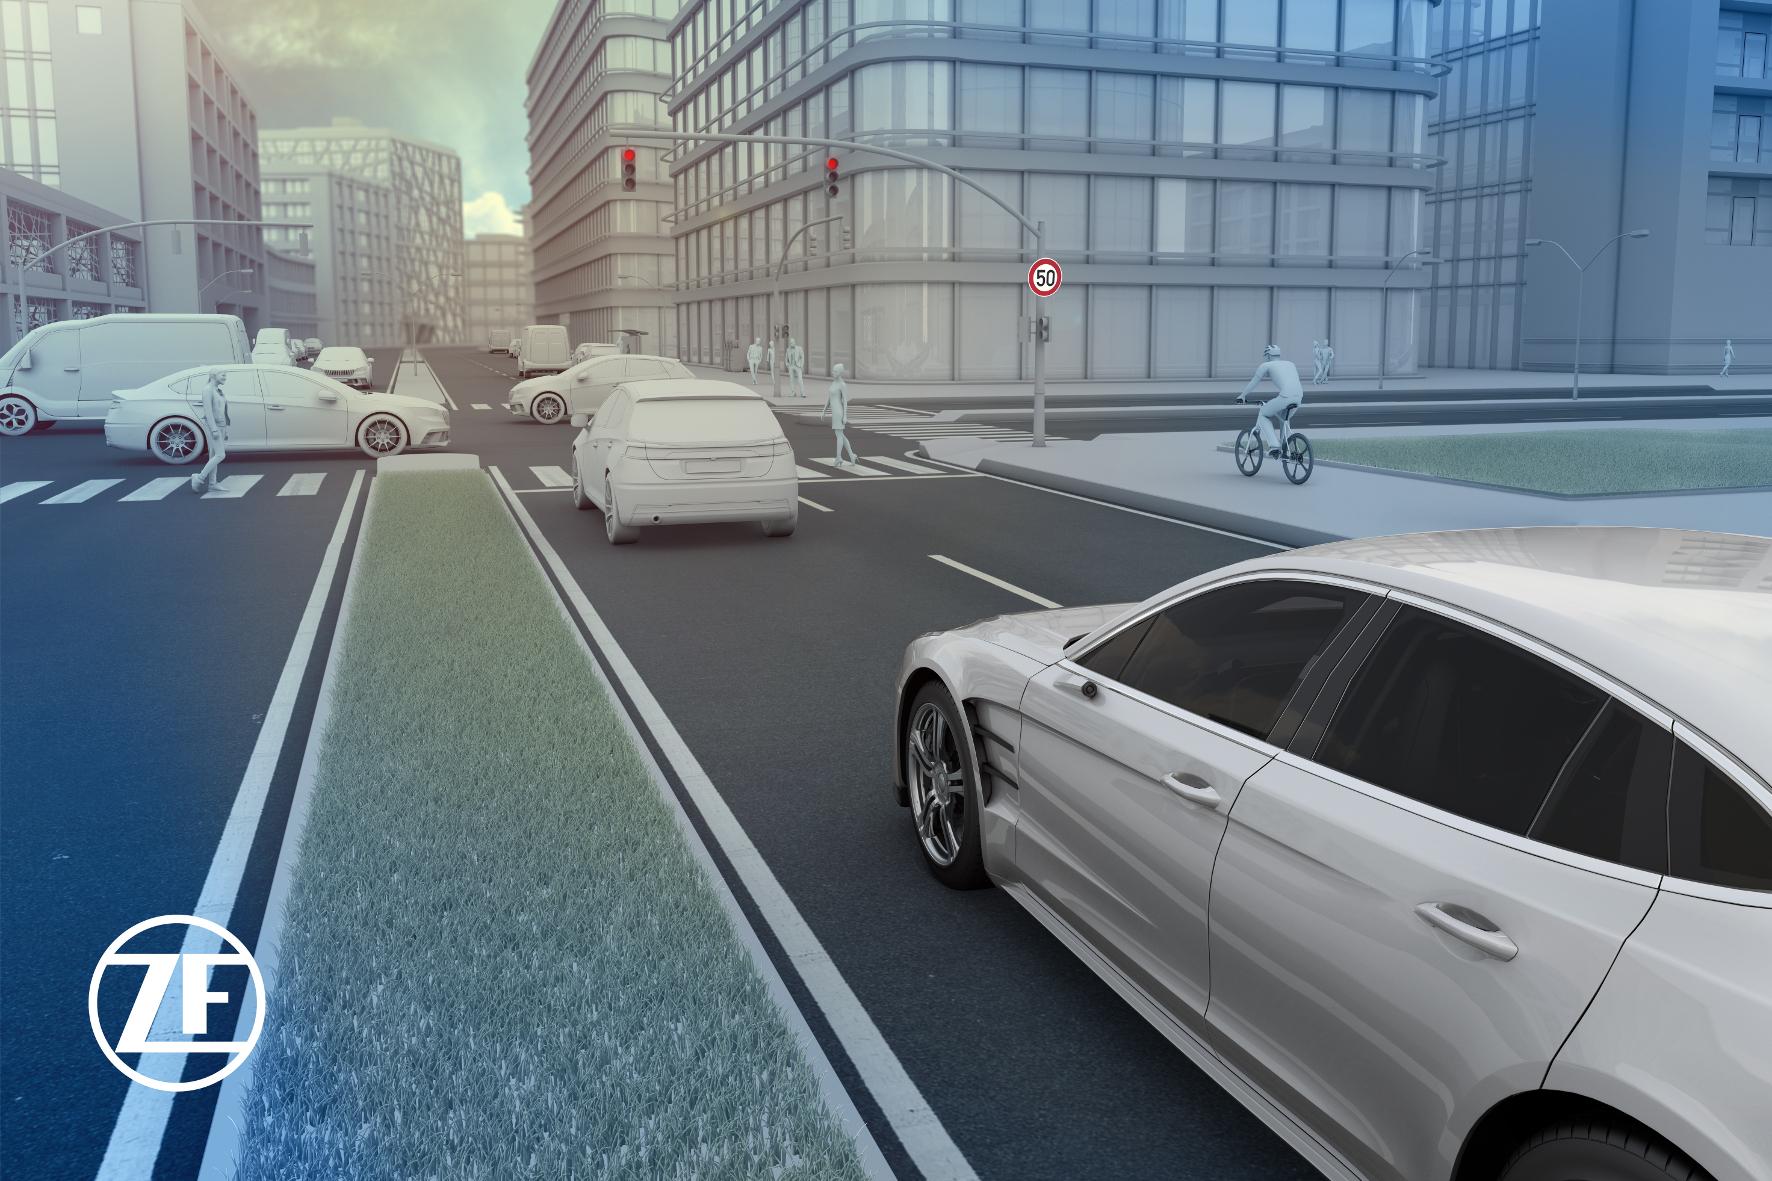 mid Groß-Gerau - ZF bietet Lösungen an, um das automatisierte Autofahren sicherer zu machen. ZF